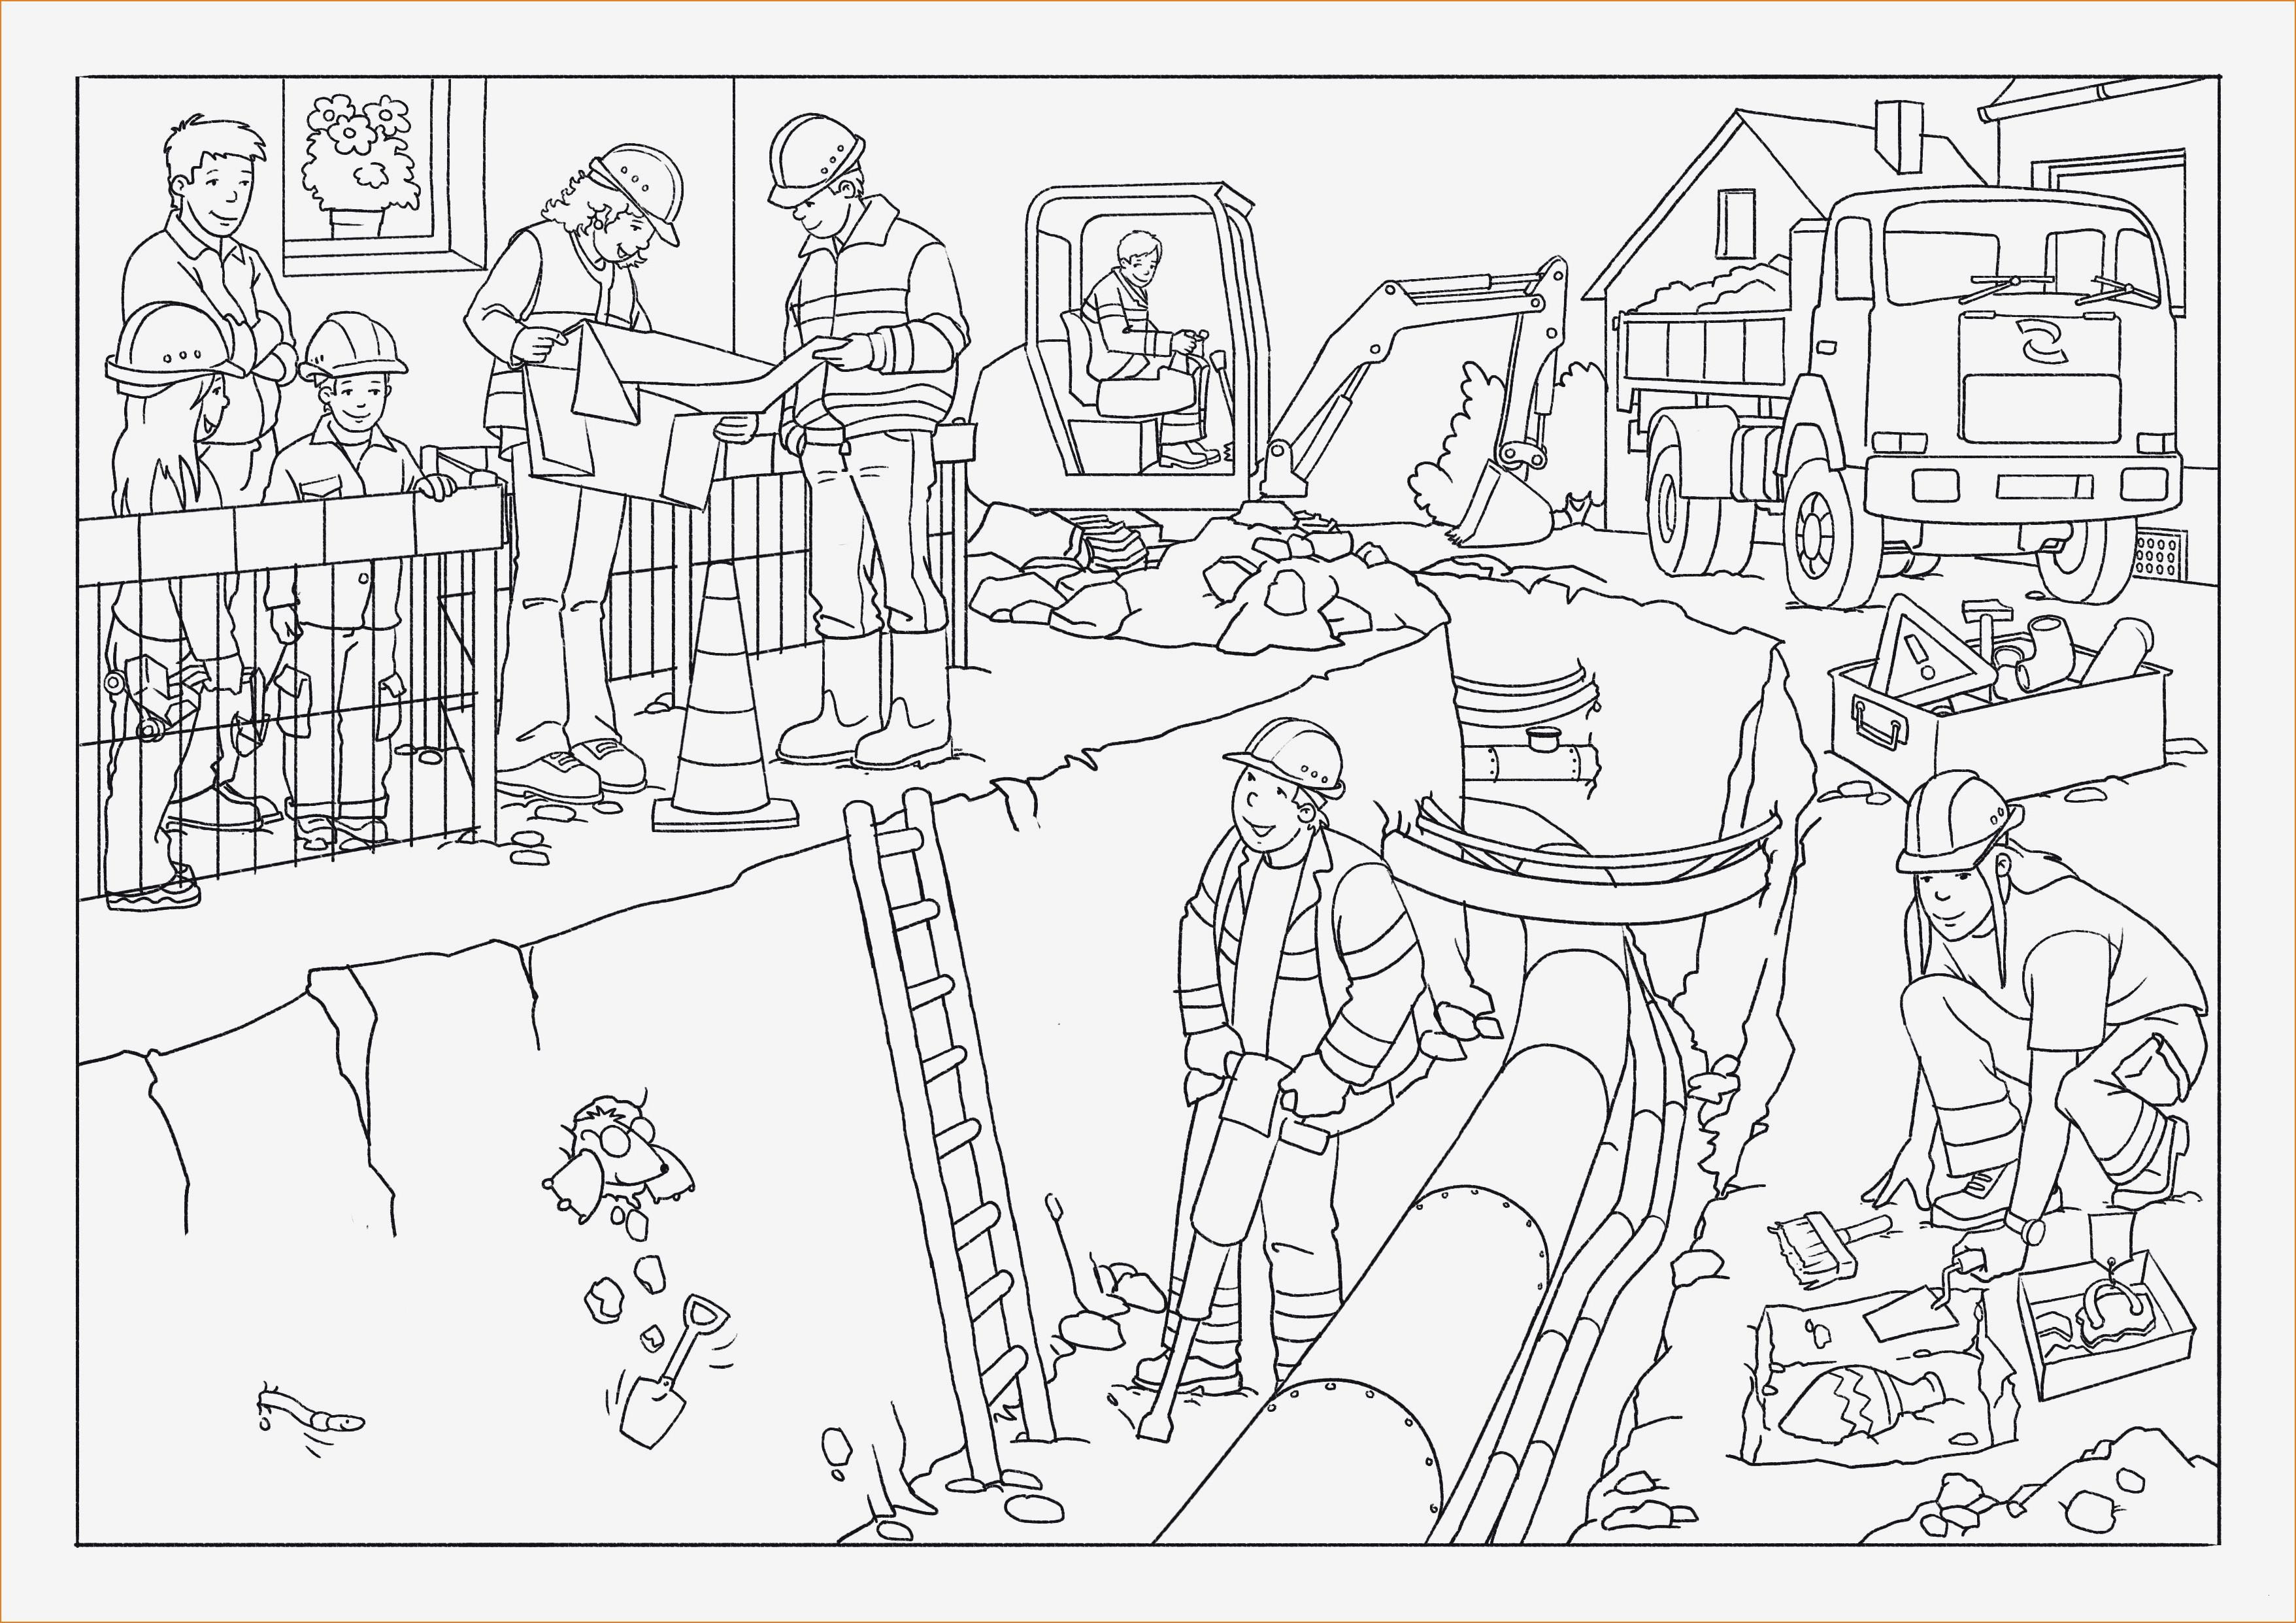 Sankt Martin Ausmalbilder Das Beste Von 24 Lecker Ausmalbilder St Martin – Malvorlagen Ideen Sammlung